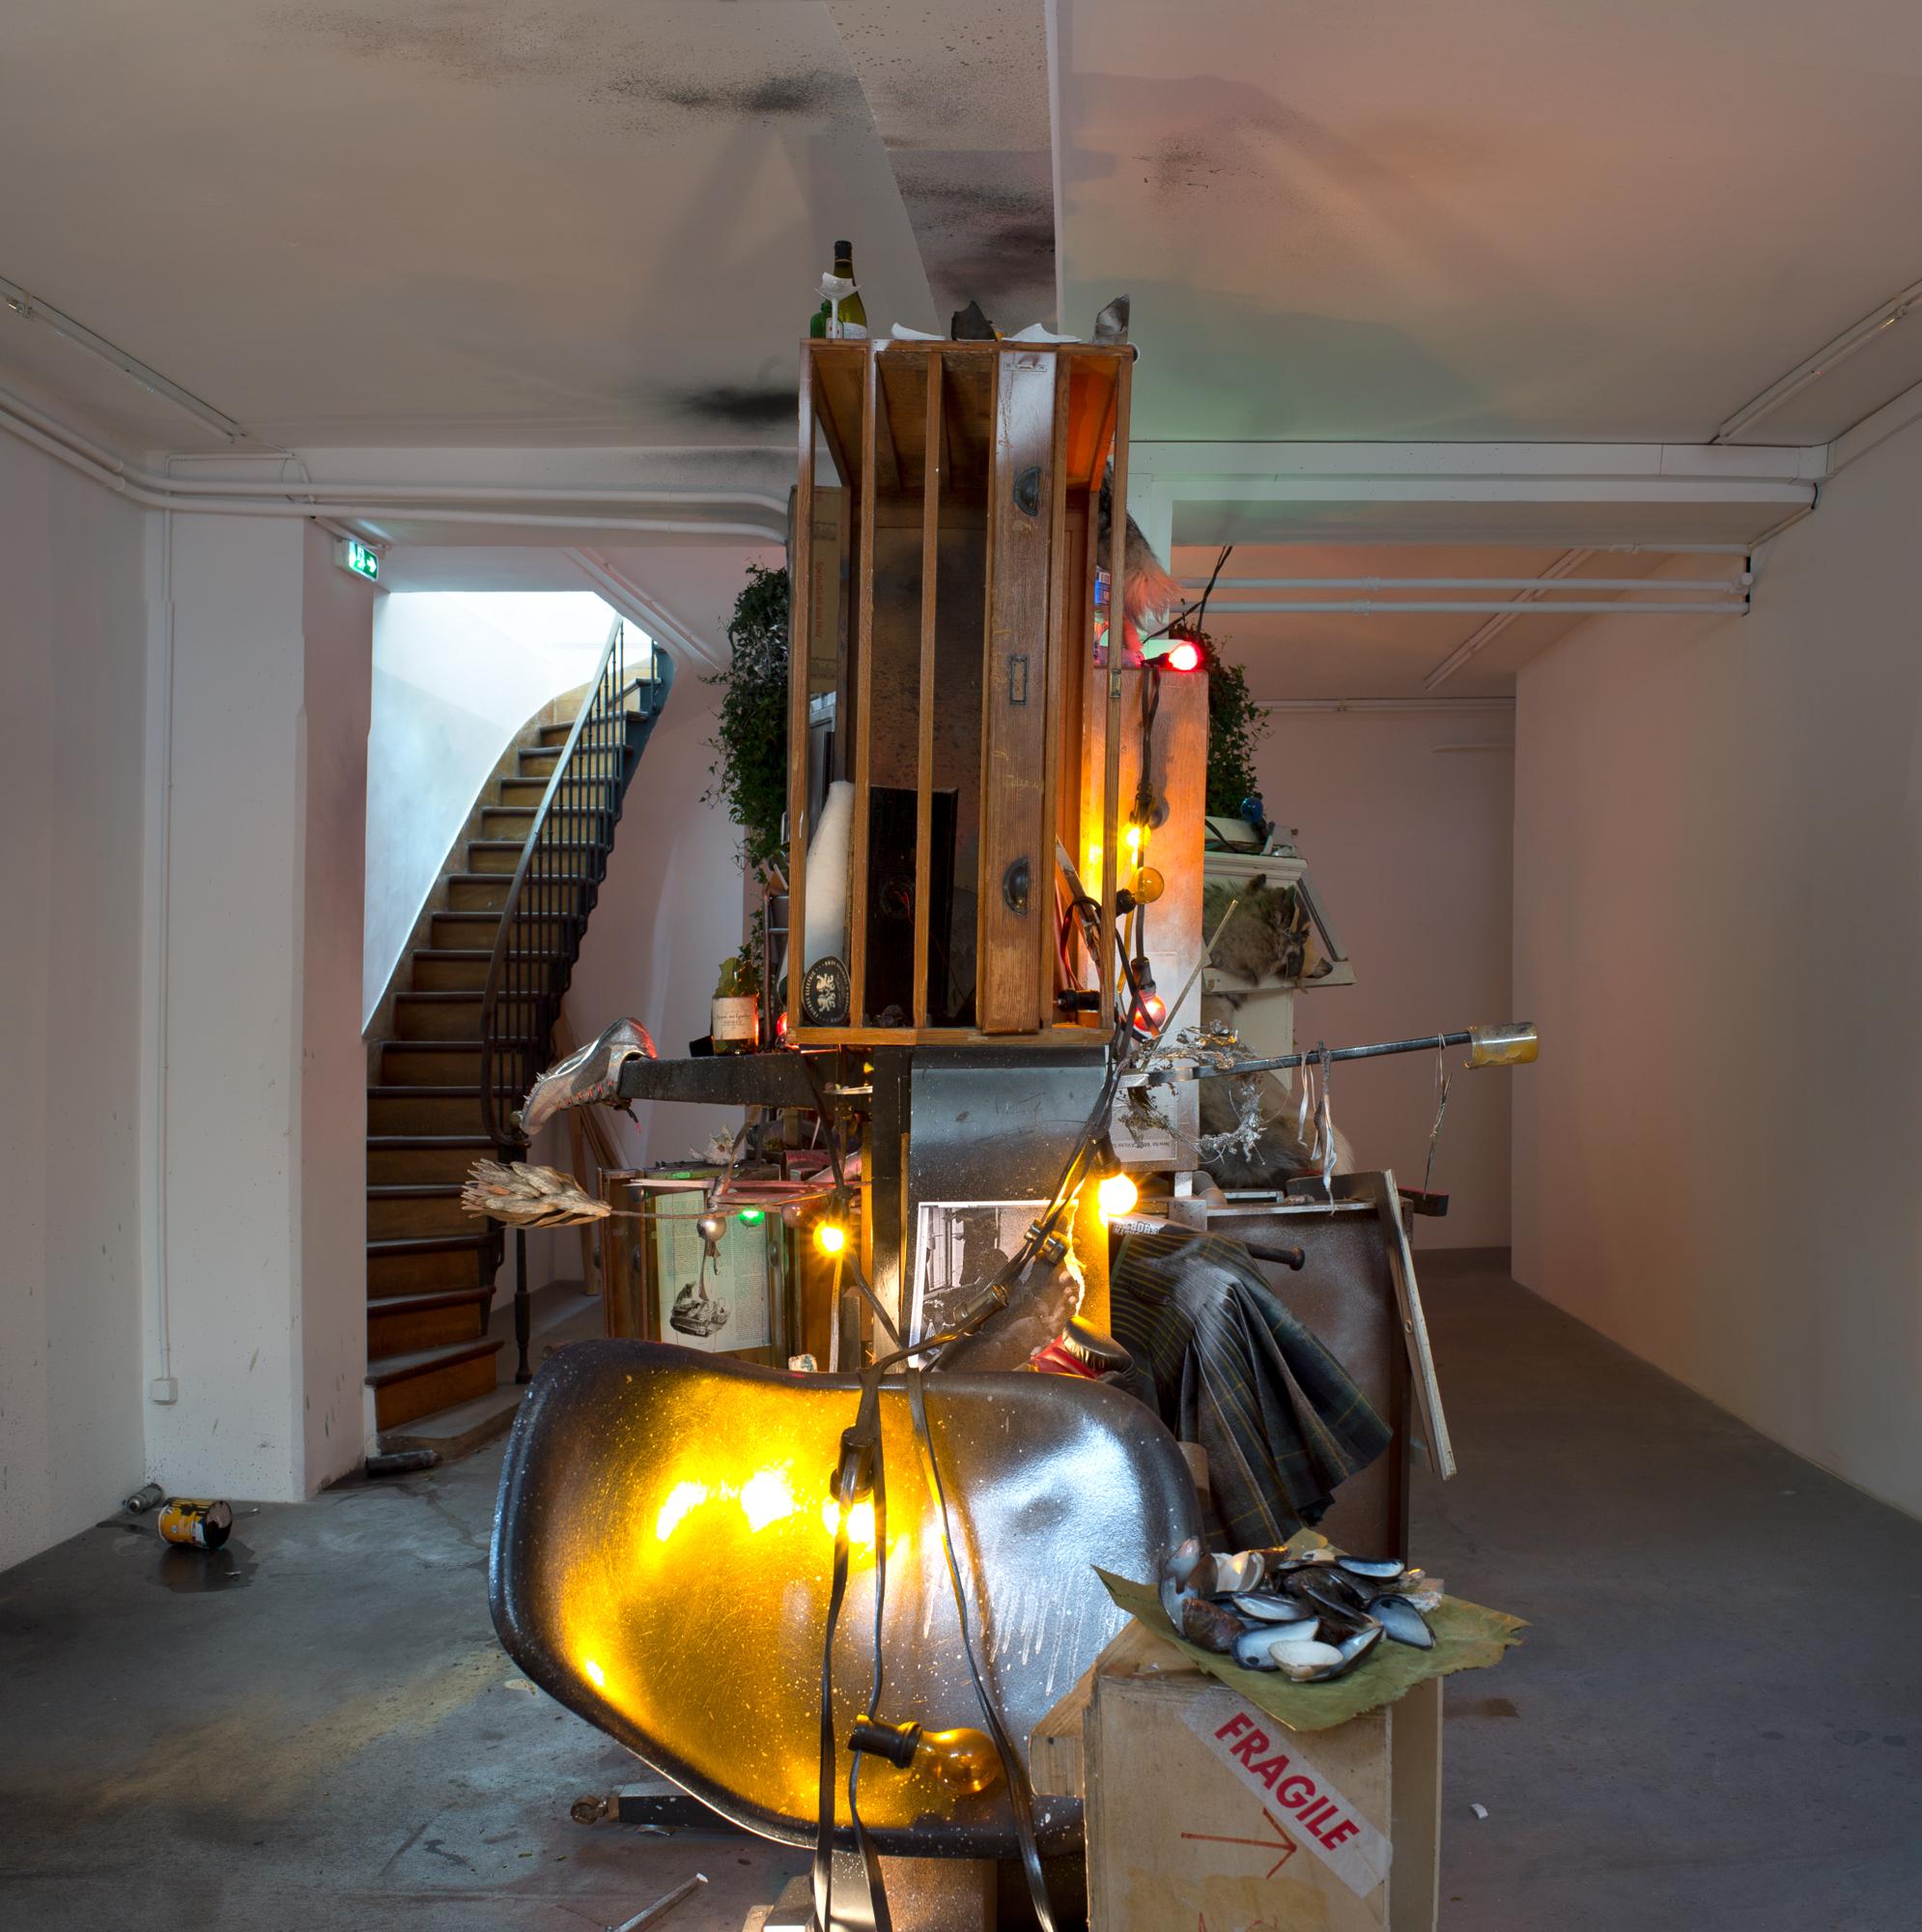 Douglas Gordon, Galerie Untilthen, Paris